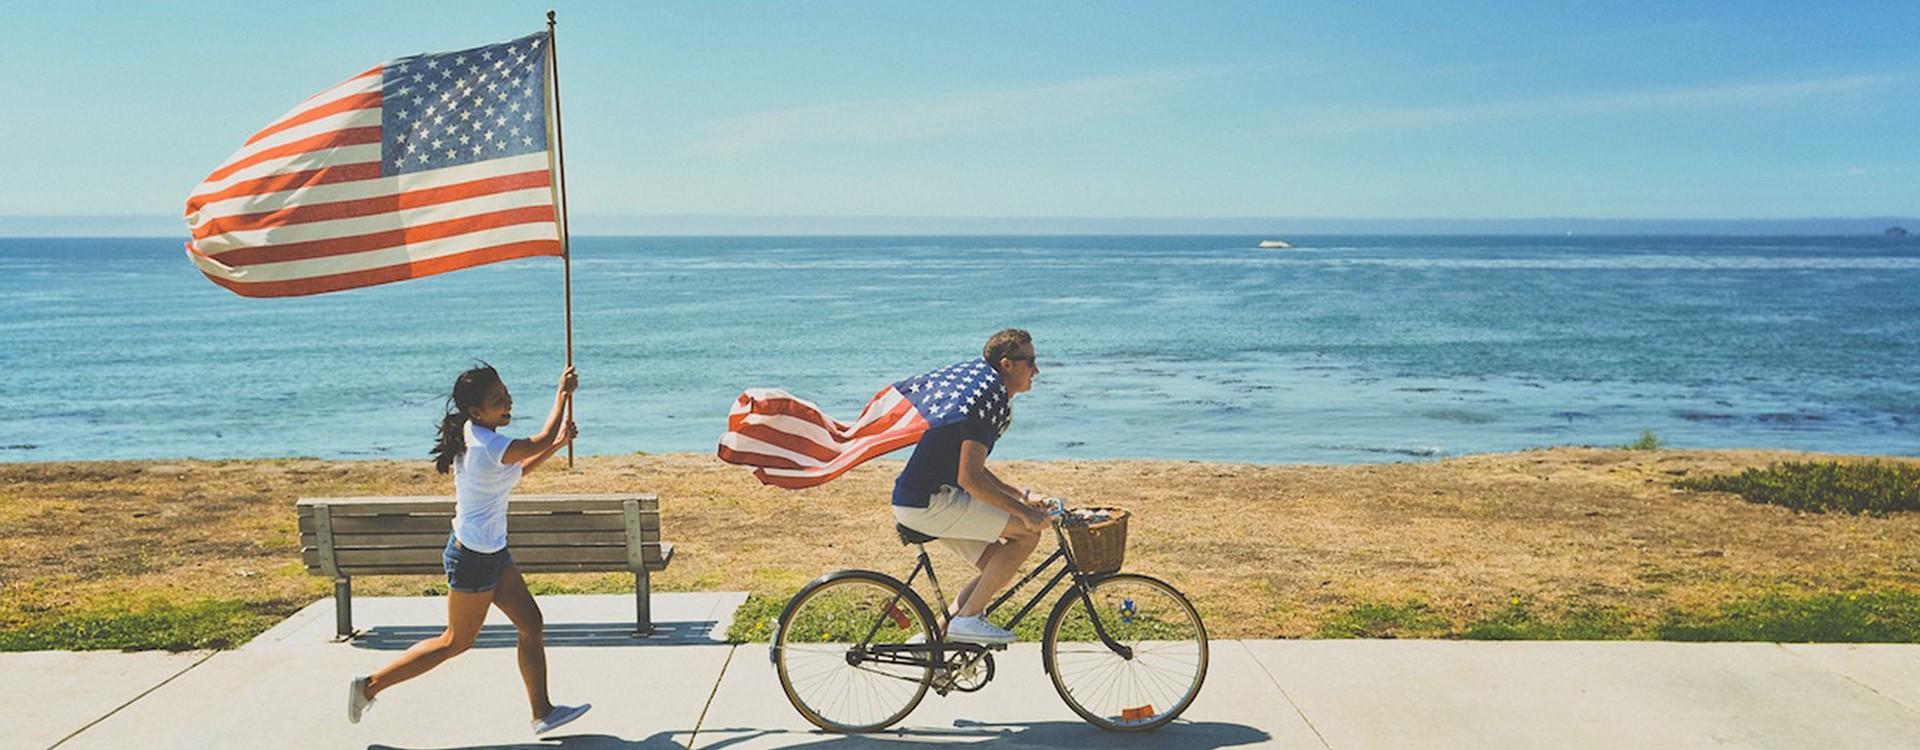 Les fêtes nationales aux Etats-Unis